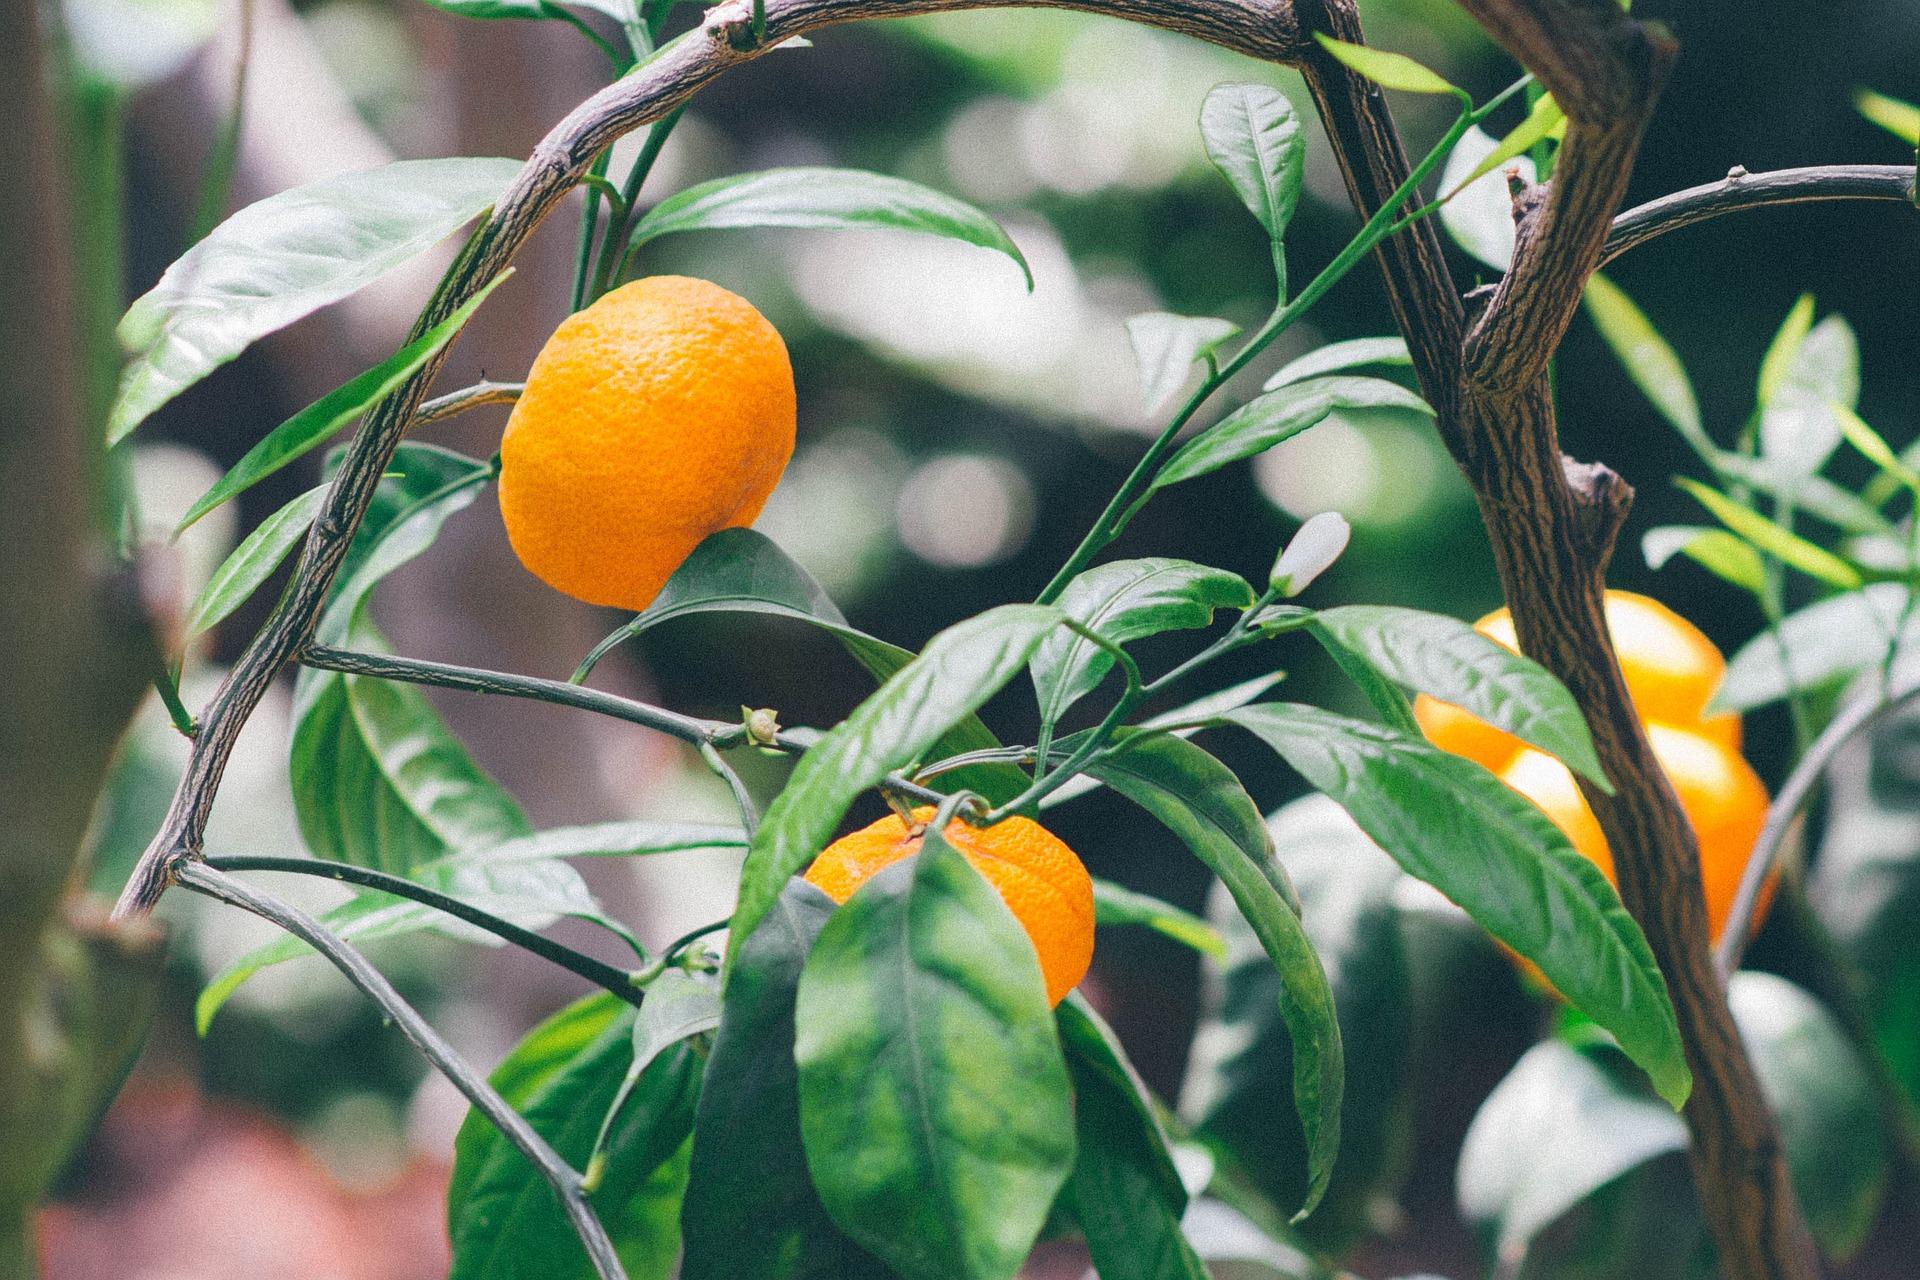 citrusiniu augalu prieziura